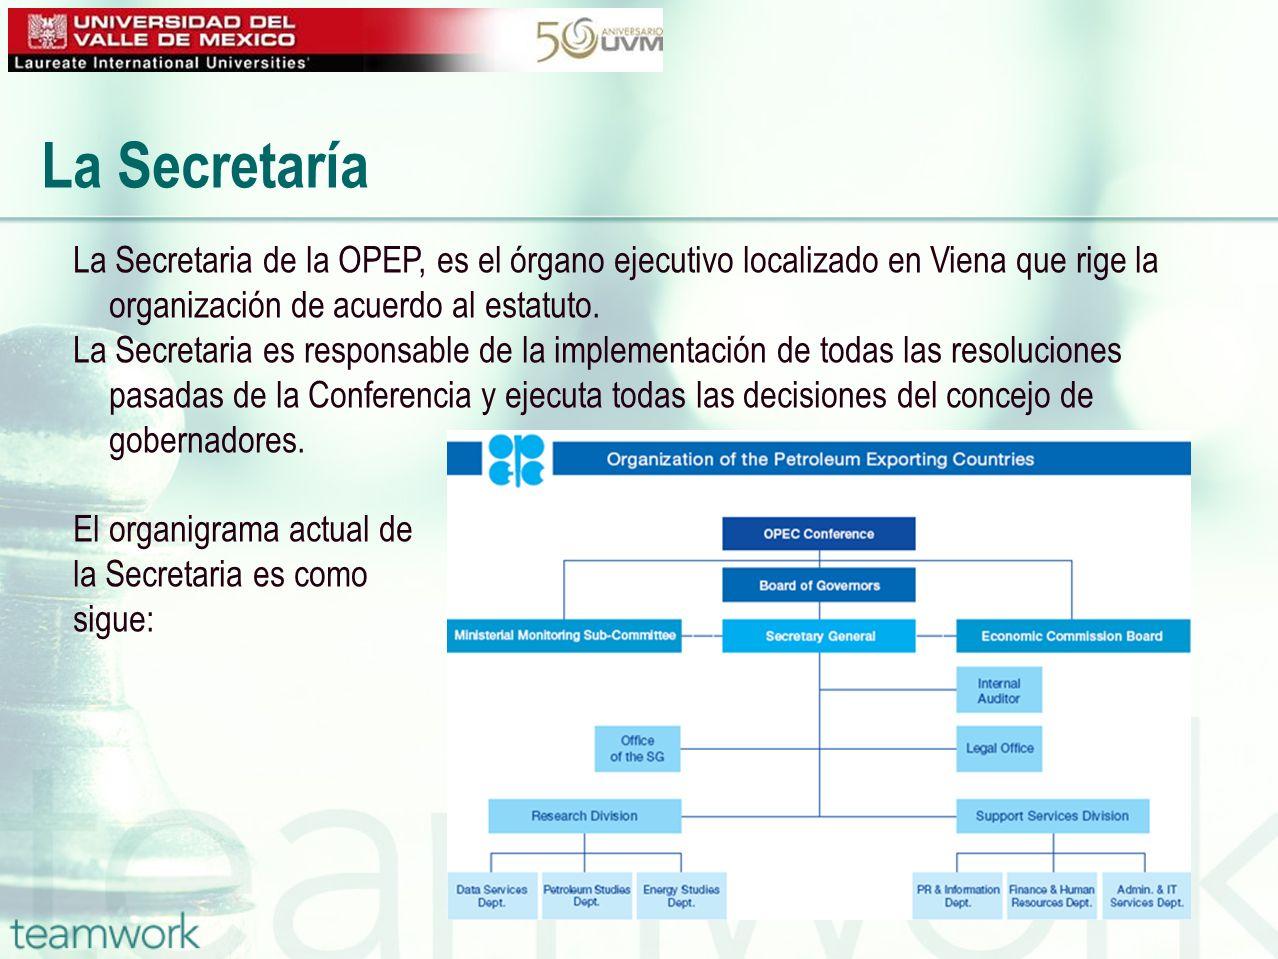 La SecretaríaLa Secretaria de la OPEP, es el órgano ejecutivo localizado en Viena que rige la organización de acuerdo al estatuto.